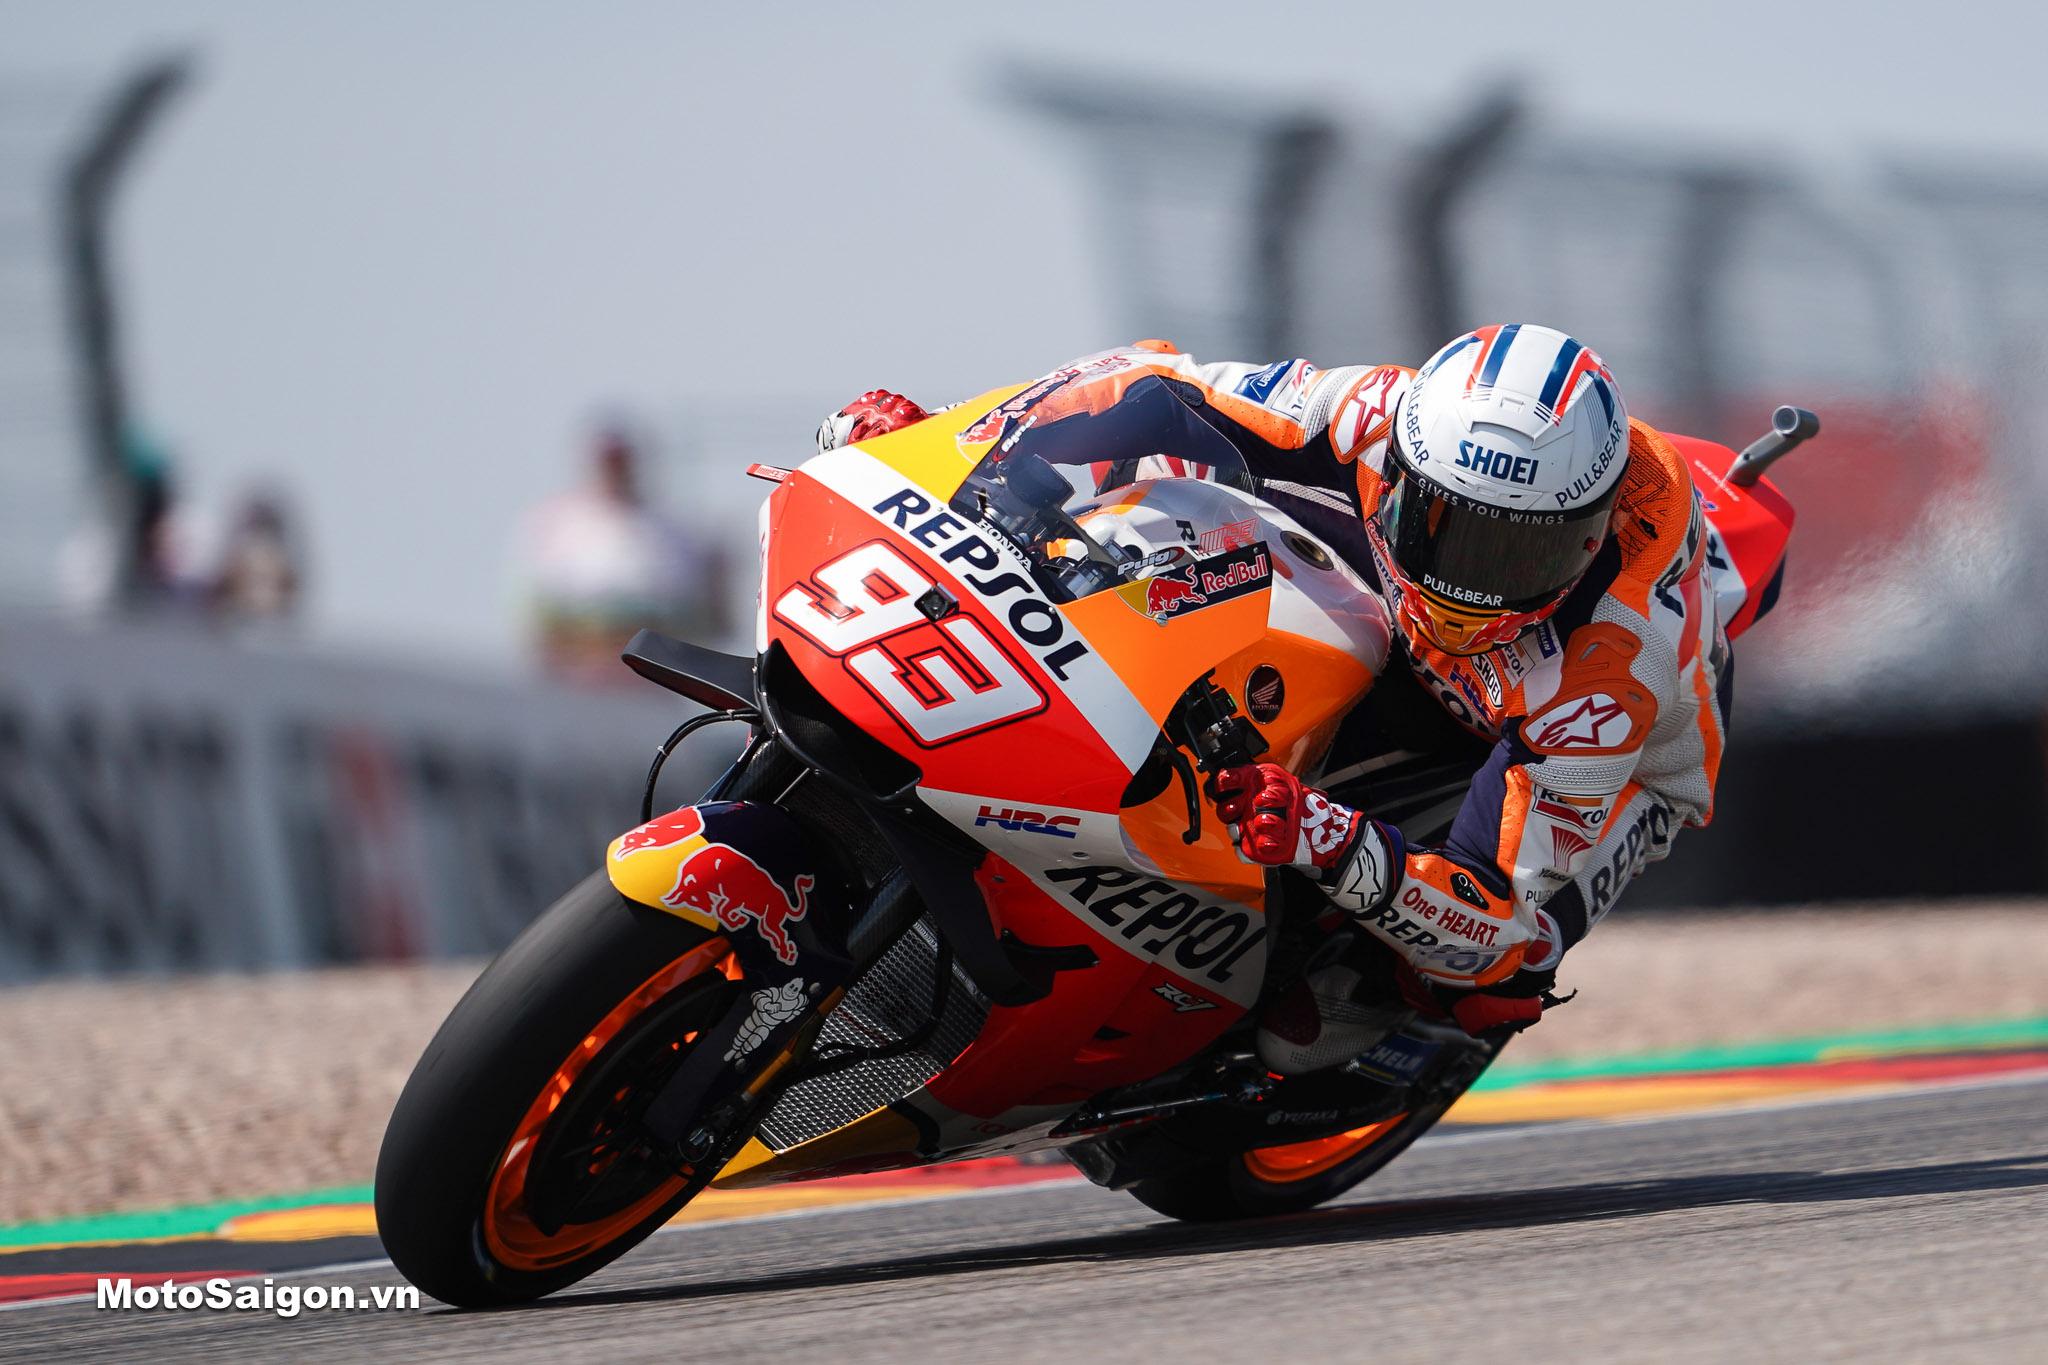 MotoGP_HVN tài trợ phát sóng 14 chặng MotoGP21 bằng tiếng việt